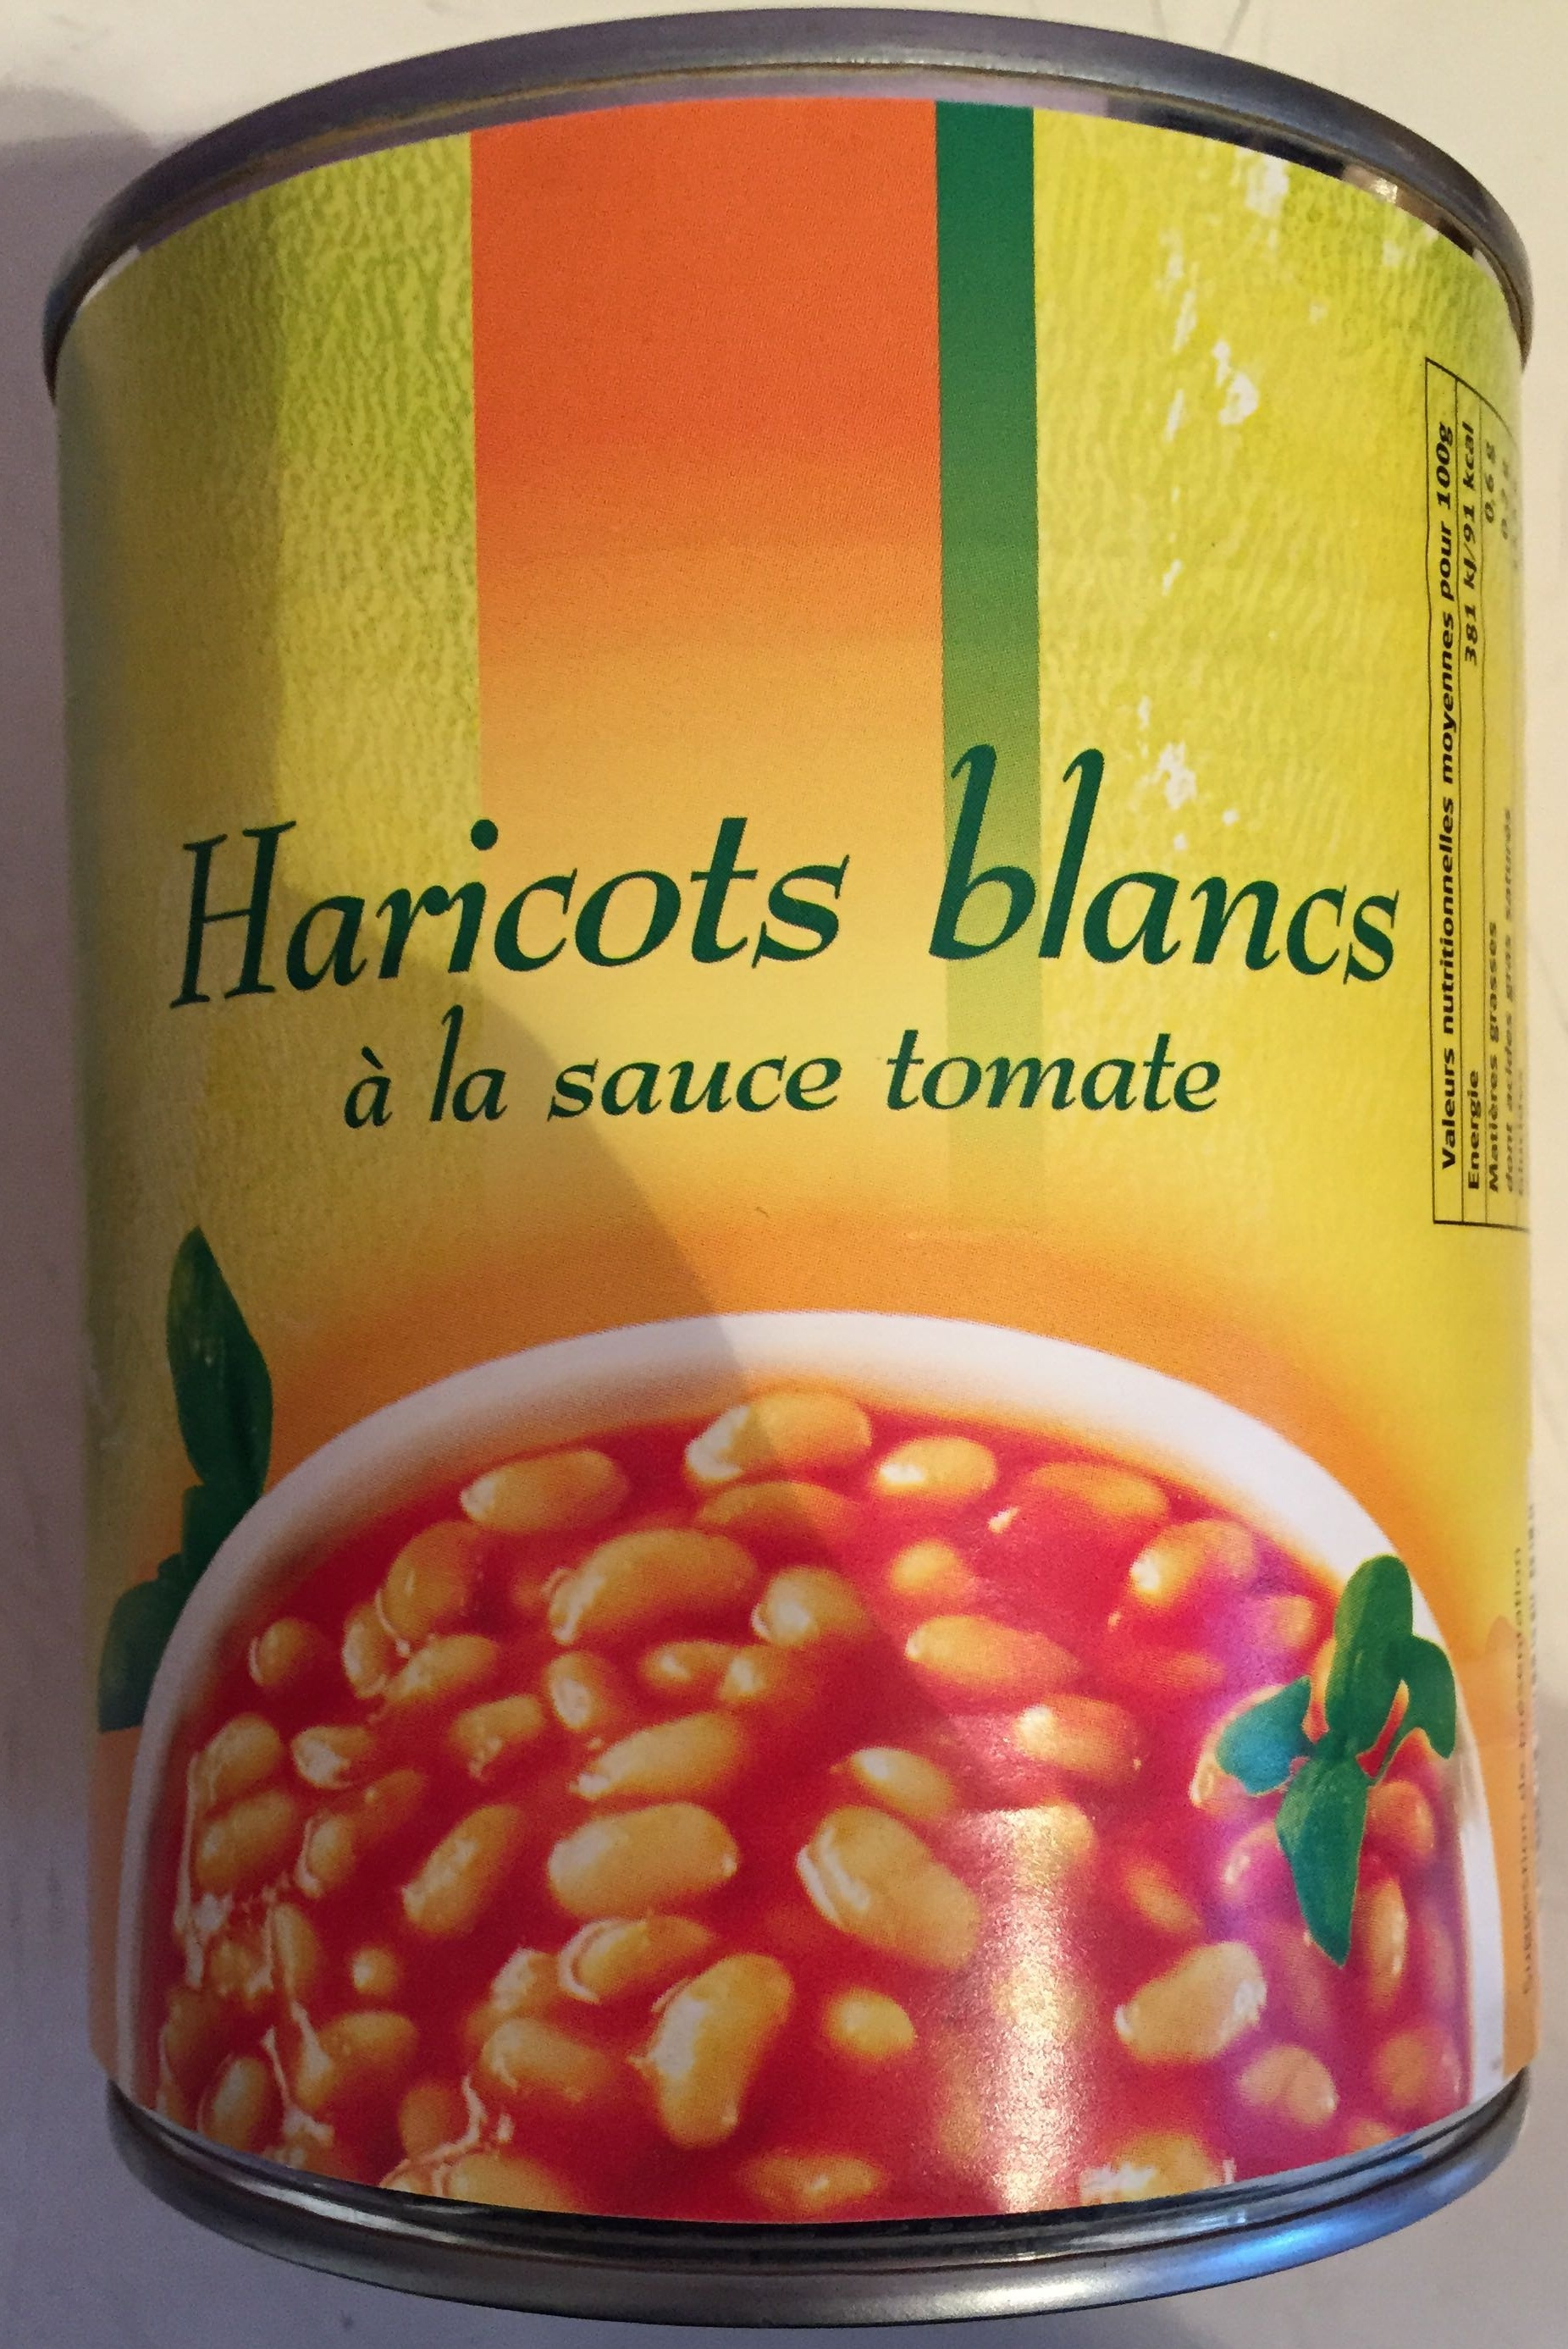 Haricots blancs à la sauce tomate - Produit - fr